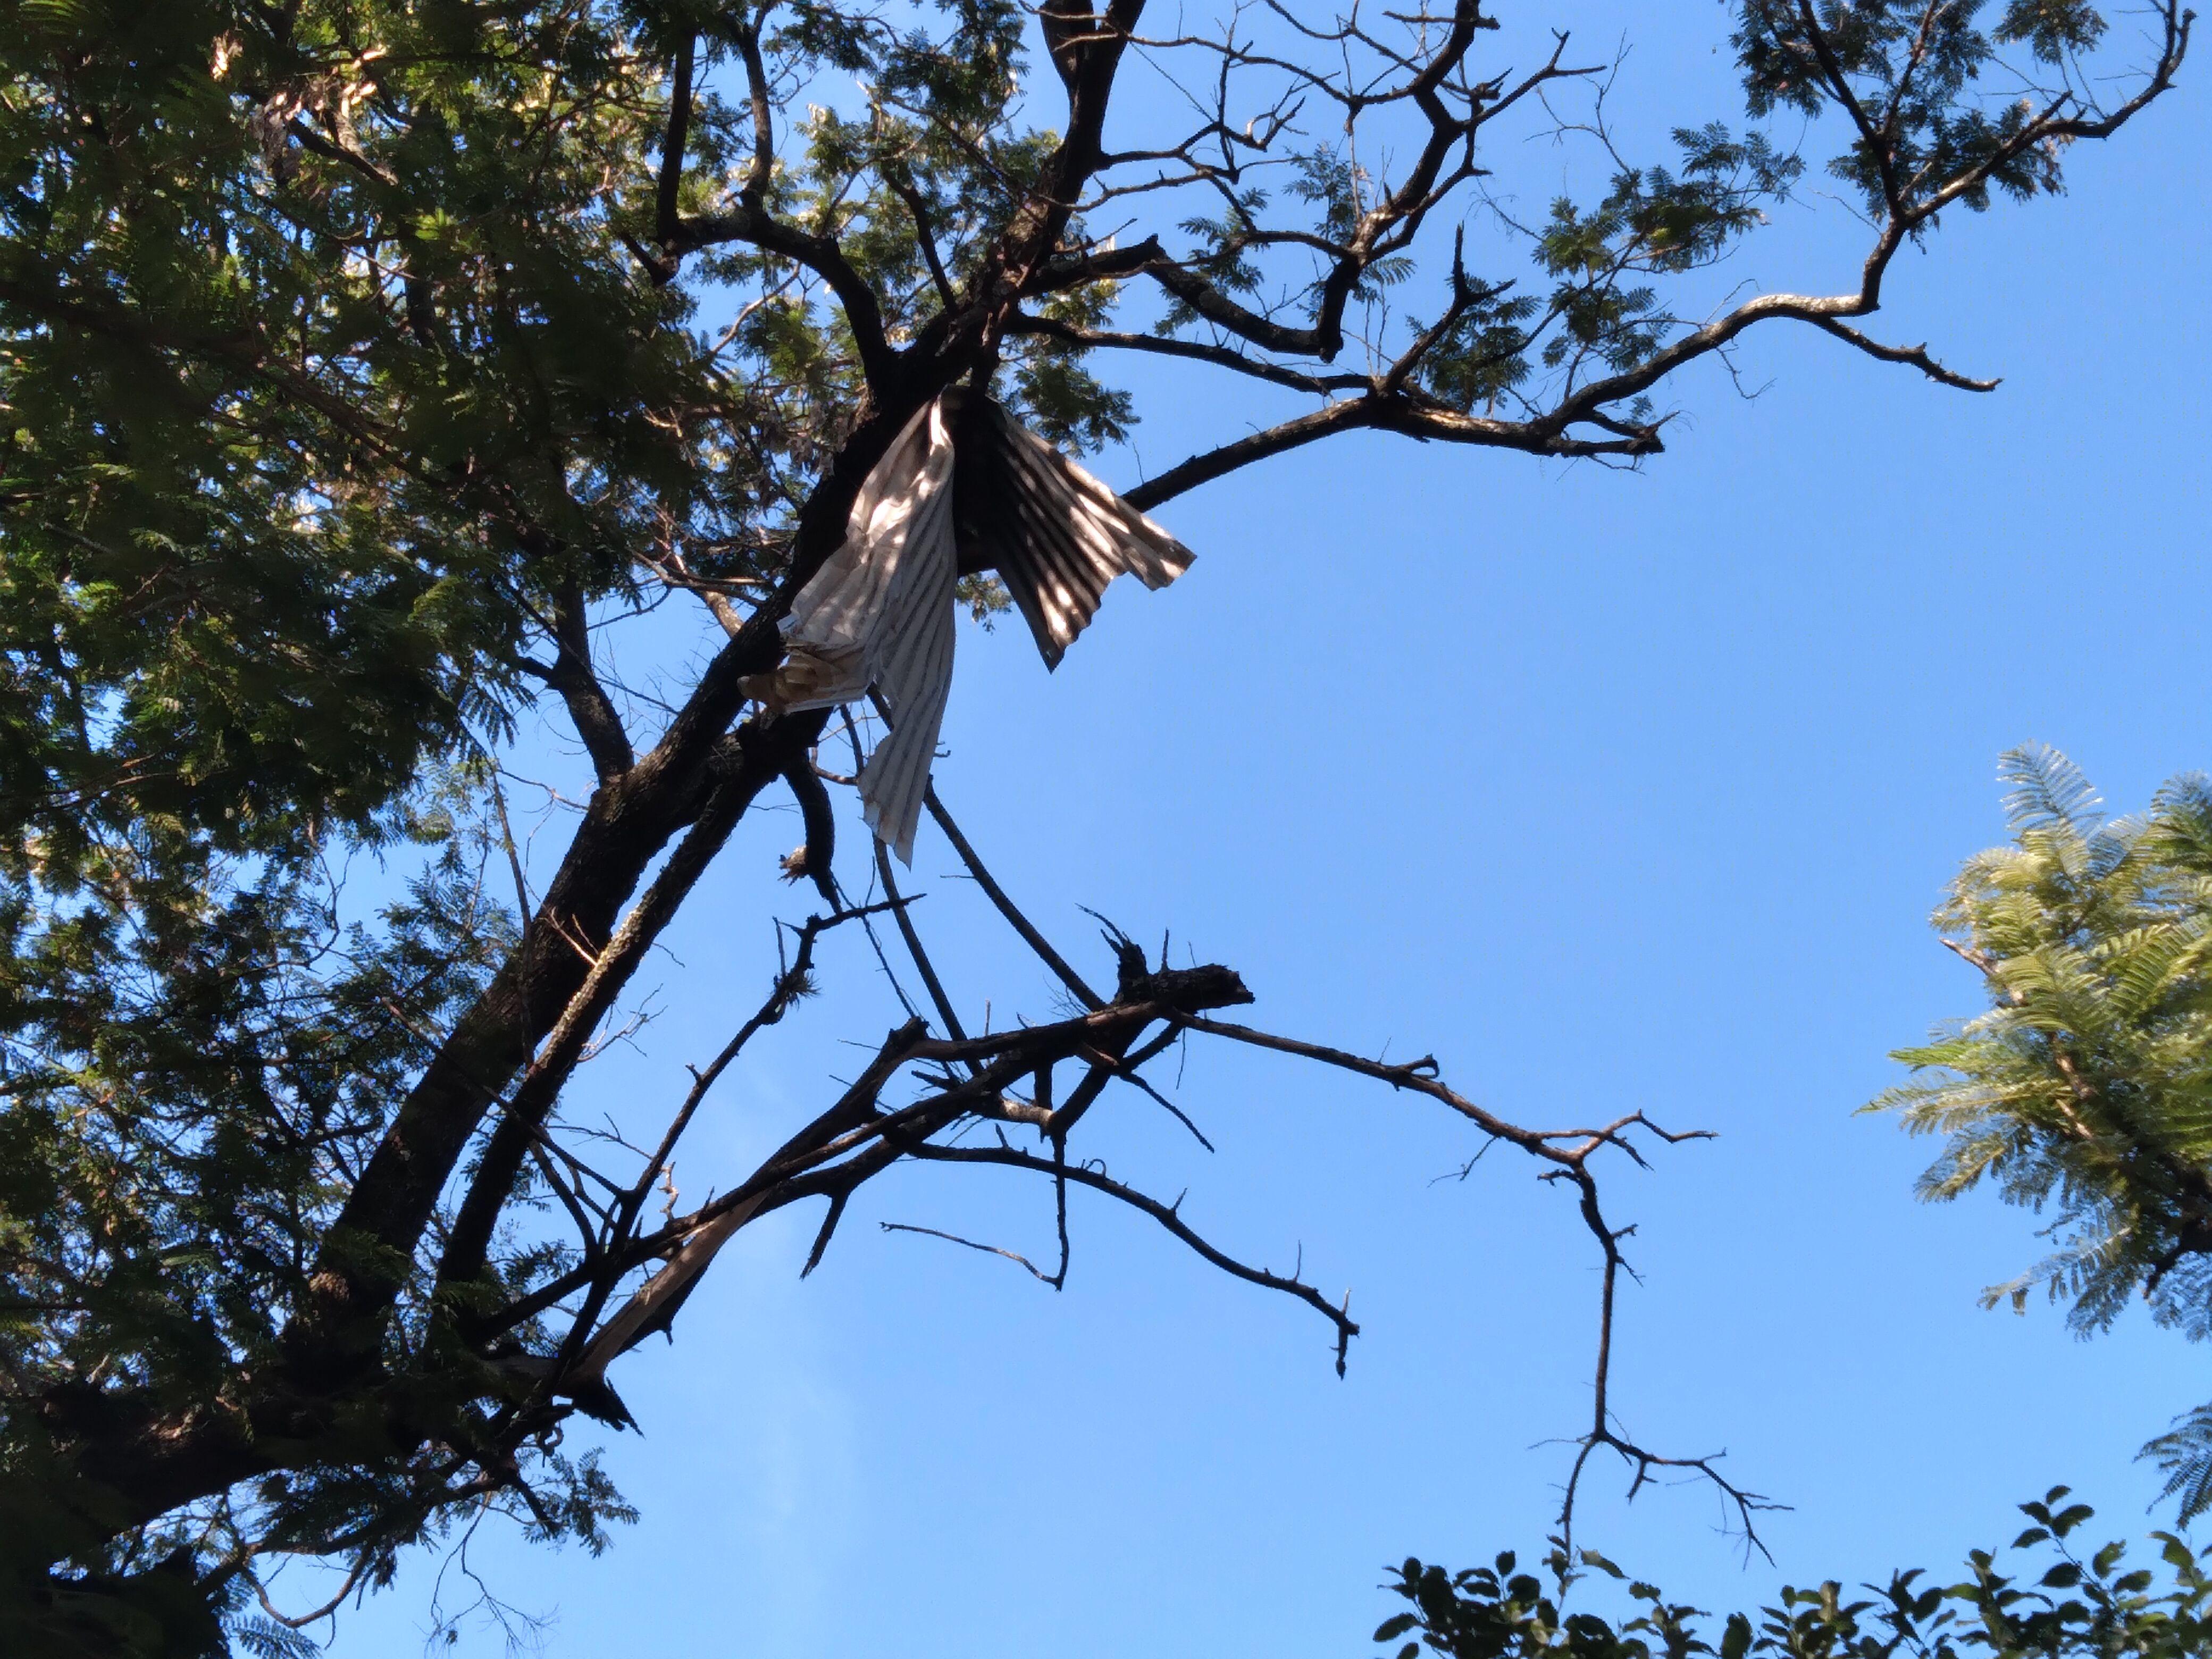 Una afilada chapa de zinc cuelga en lo más alto de una rama de un árbol.